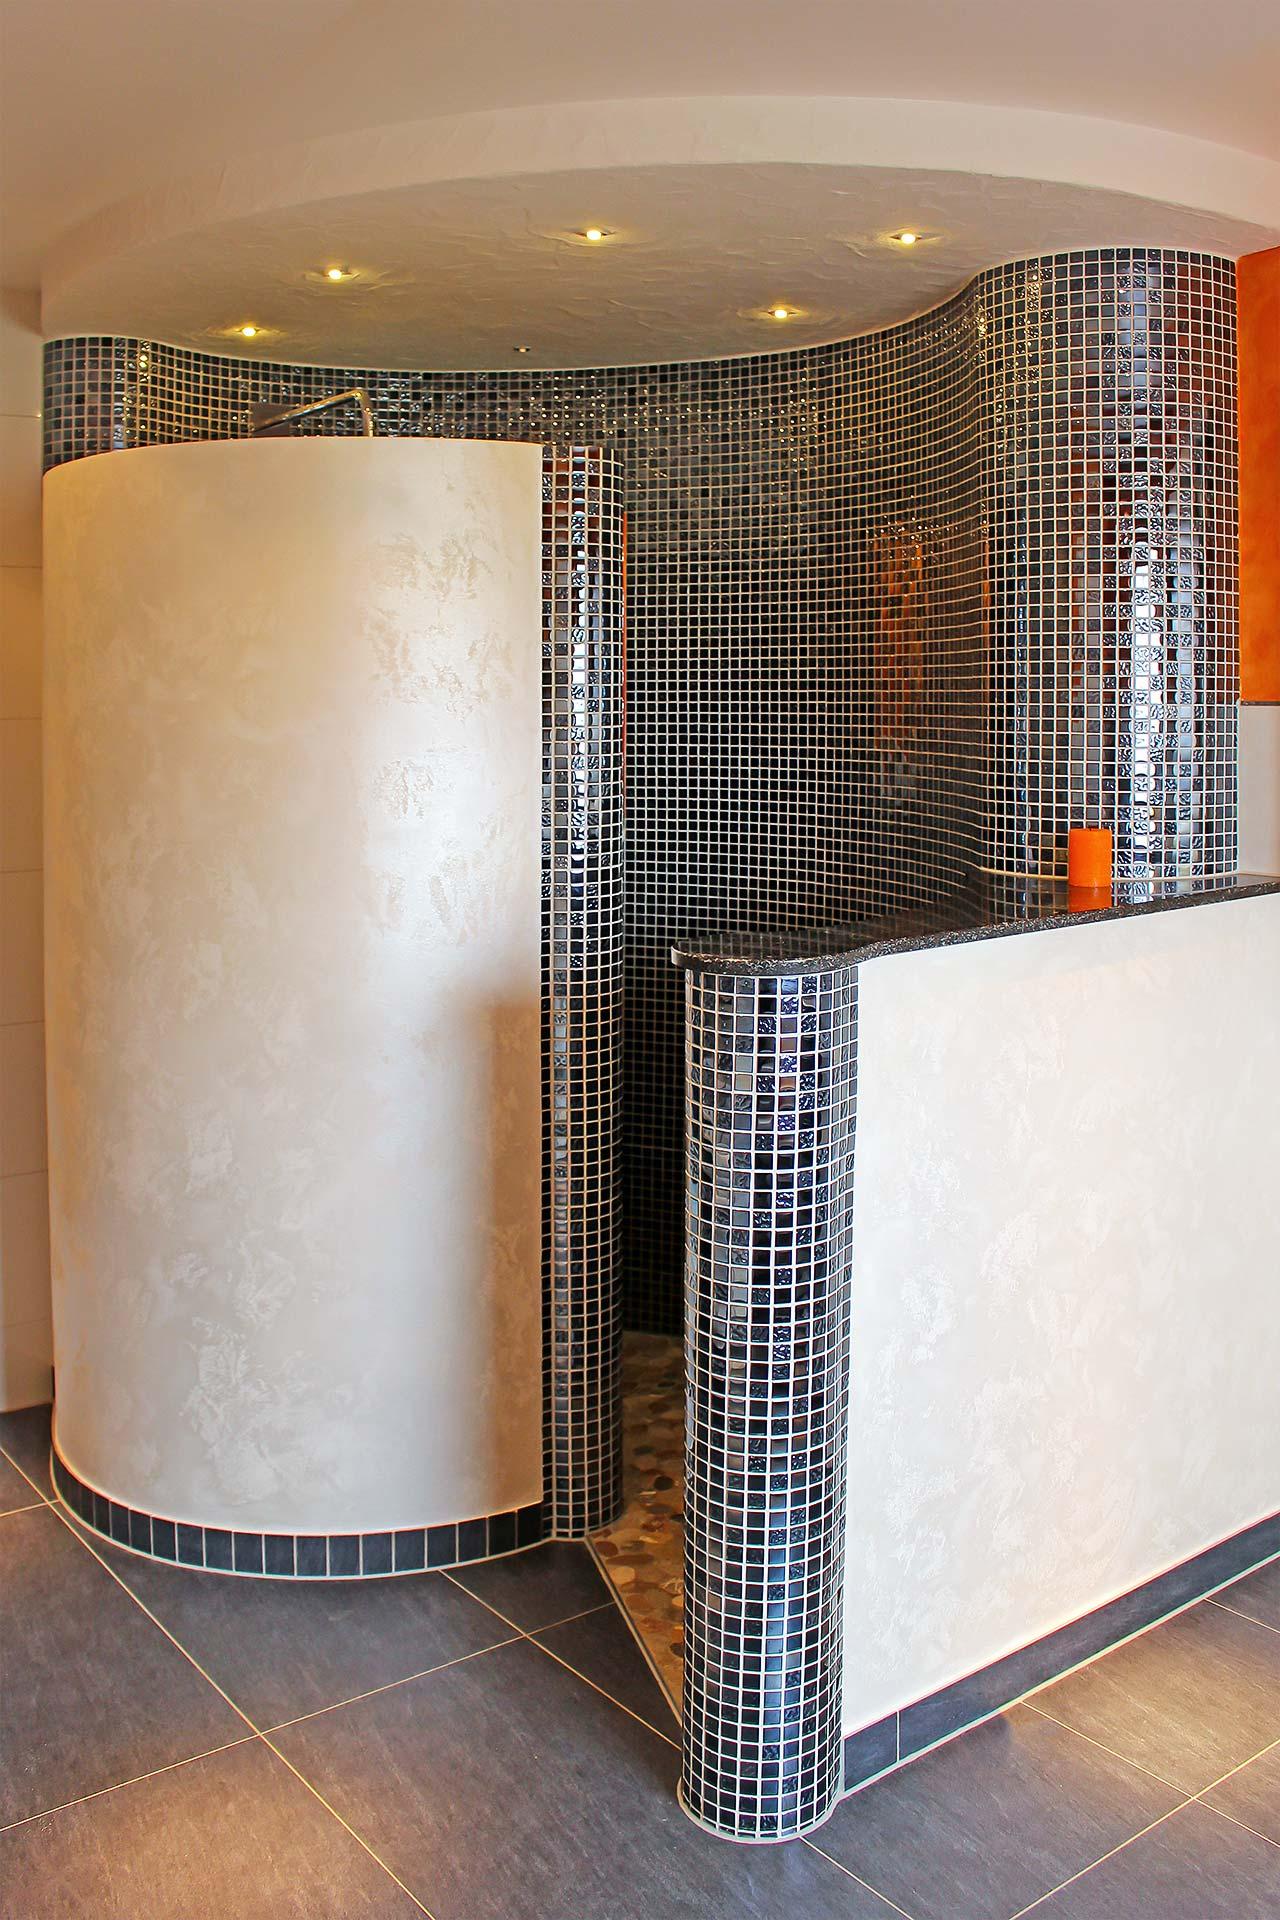 Dusche in Schneckenform mit Mosaik